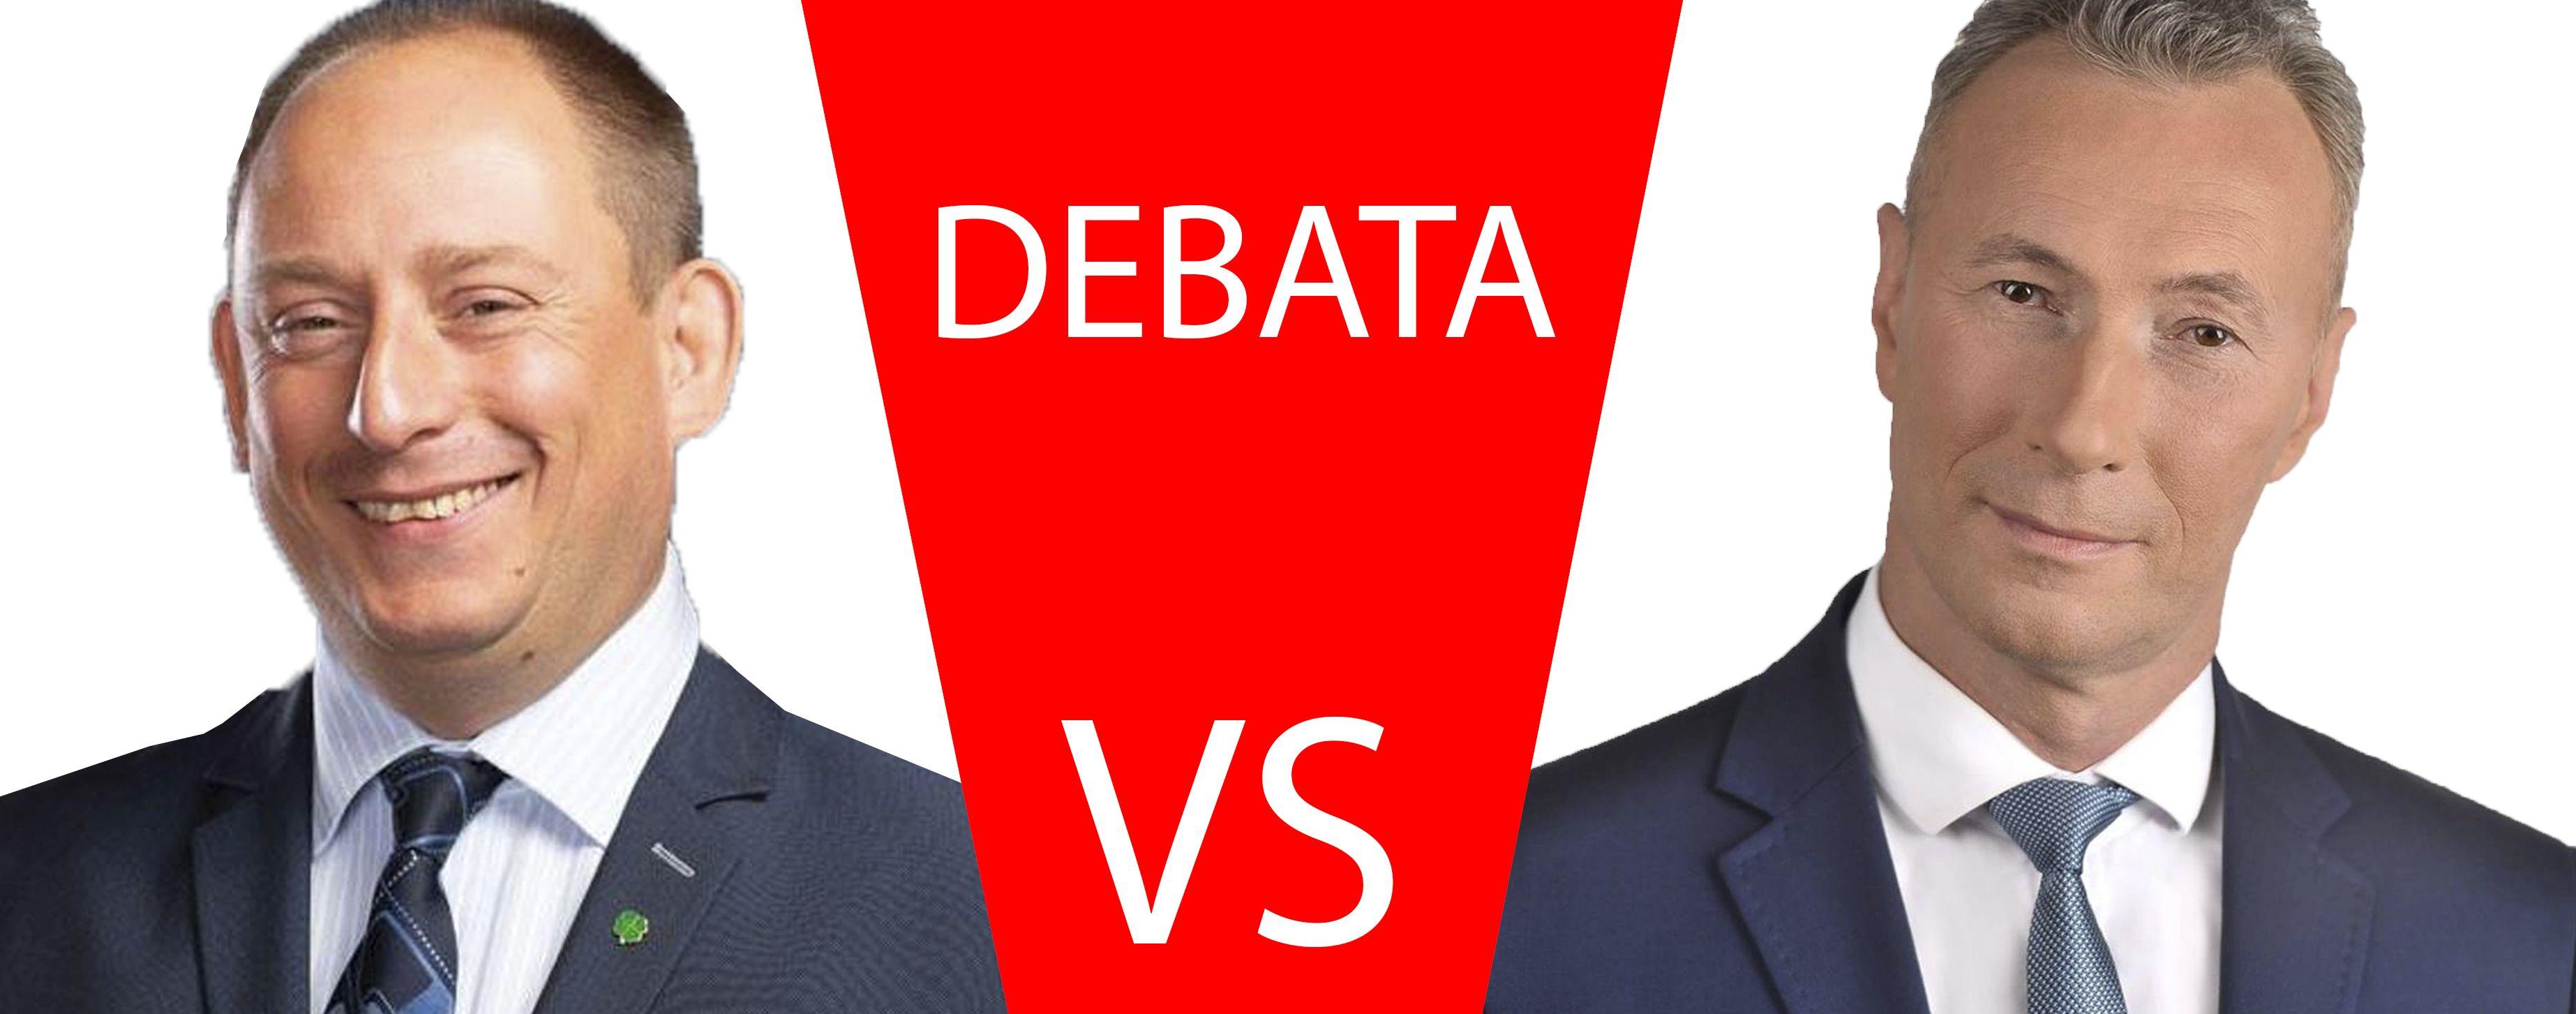 Debata kandydatów na stanowisko burmistrza Kęt. Jakie pytania?